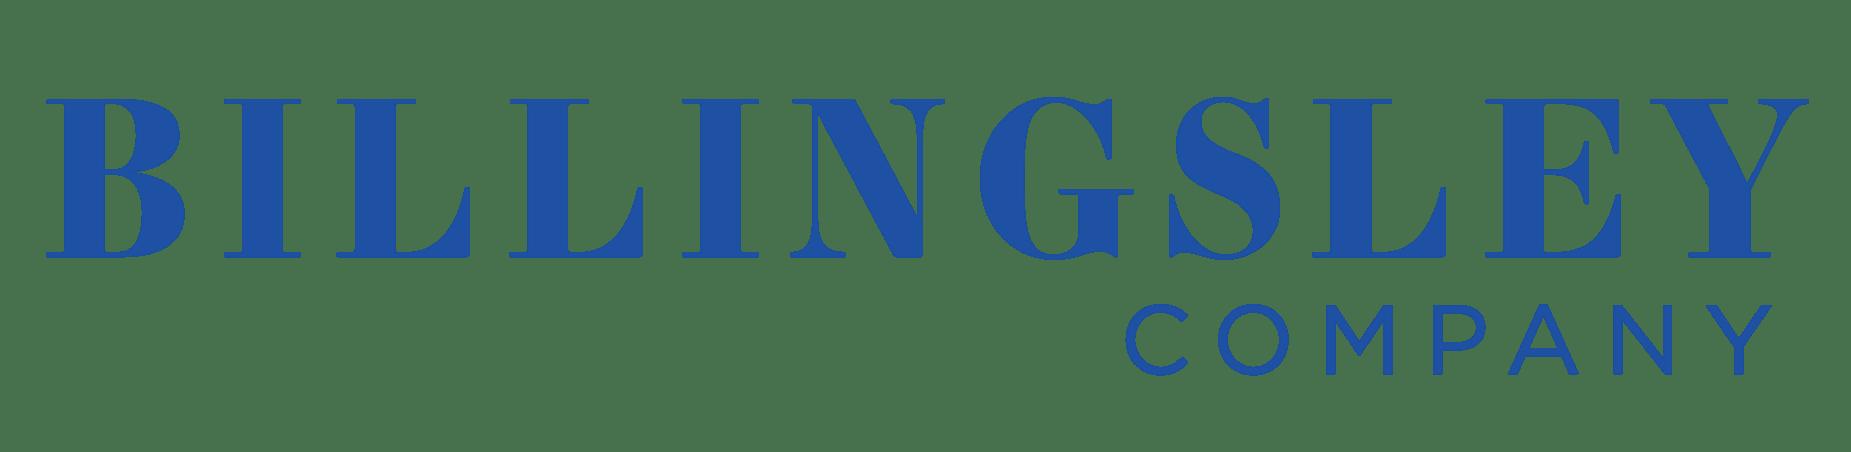 Billingsley Company